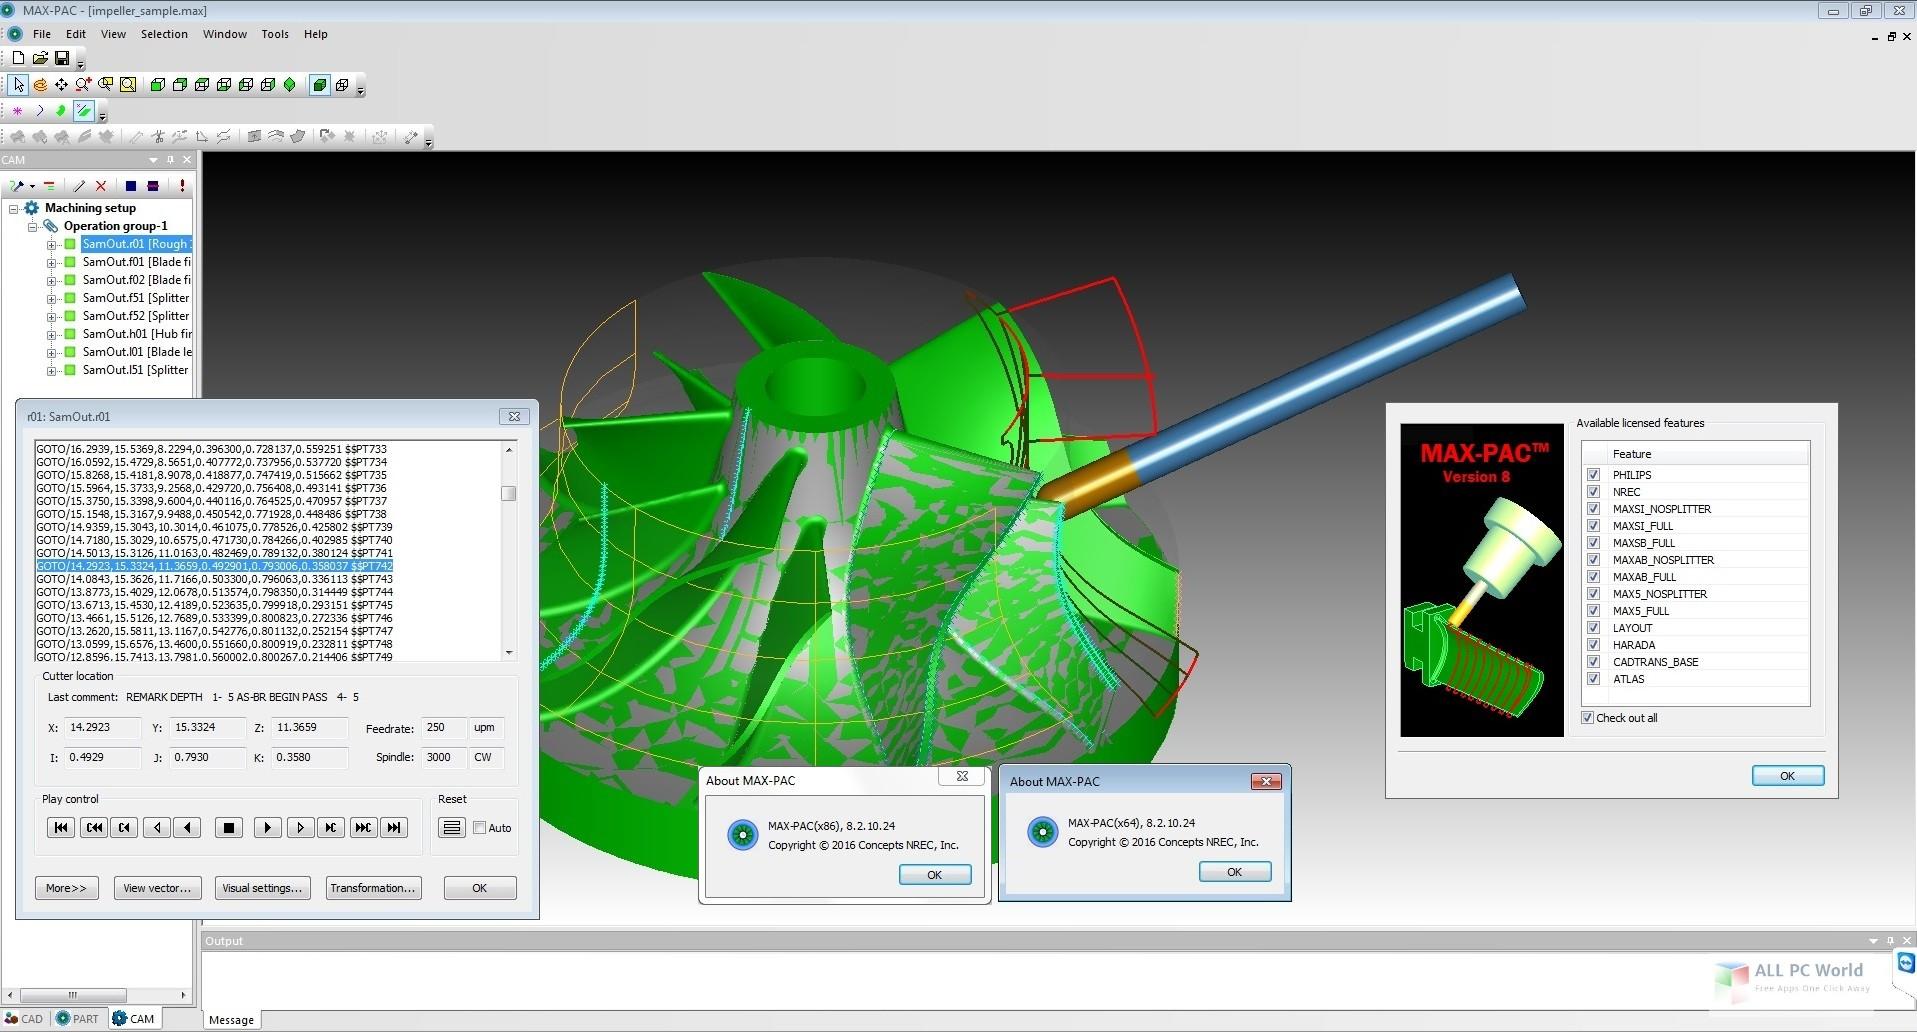 Concepts NREC MAX-PAC 8.7